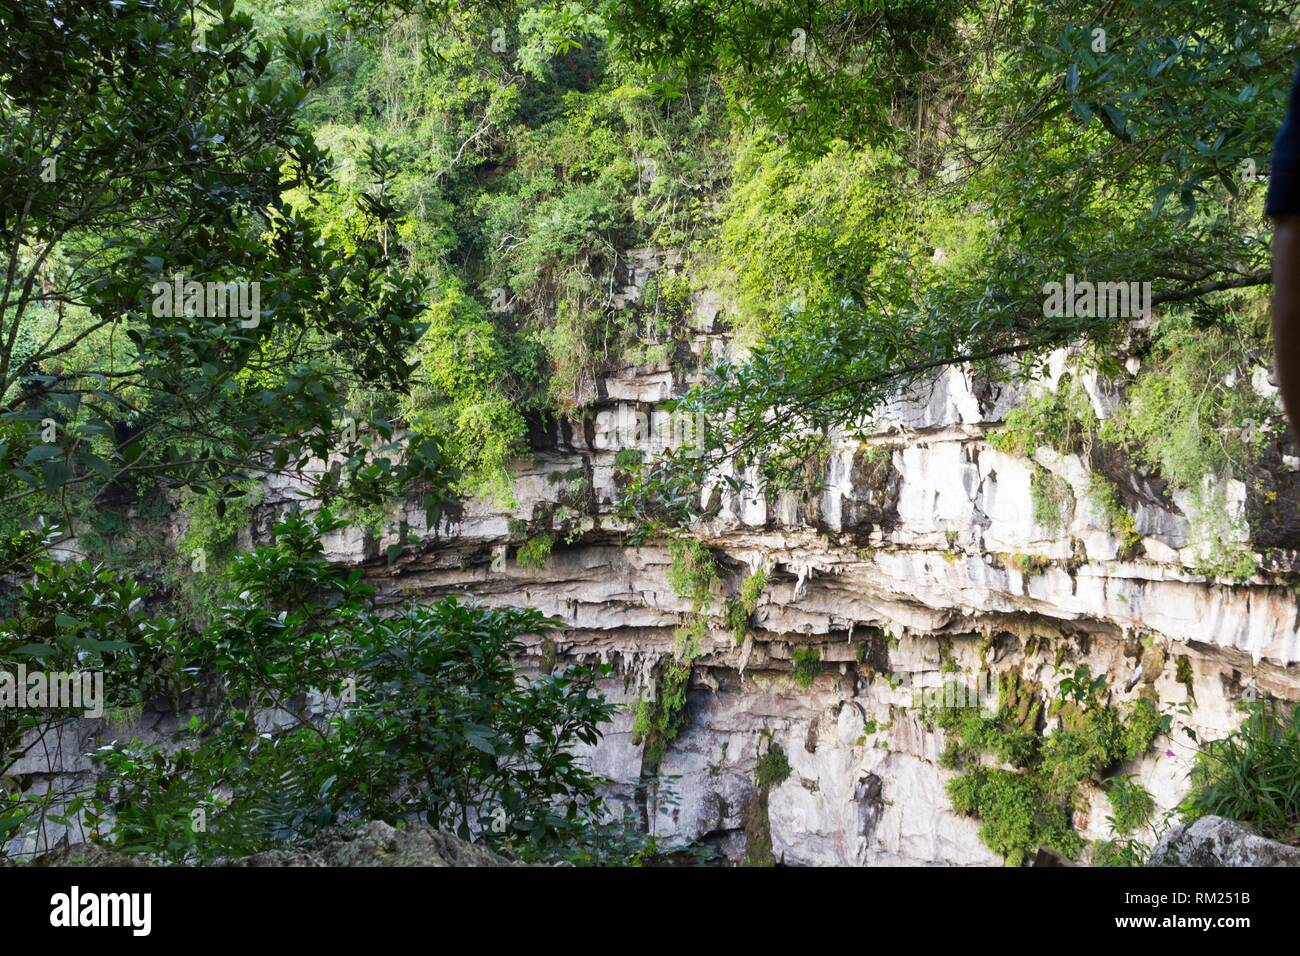 Cave of swallows. Aquismón, San Luis Potosí. Mexico. - Stock Image